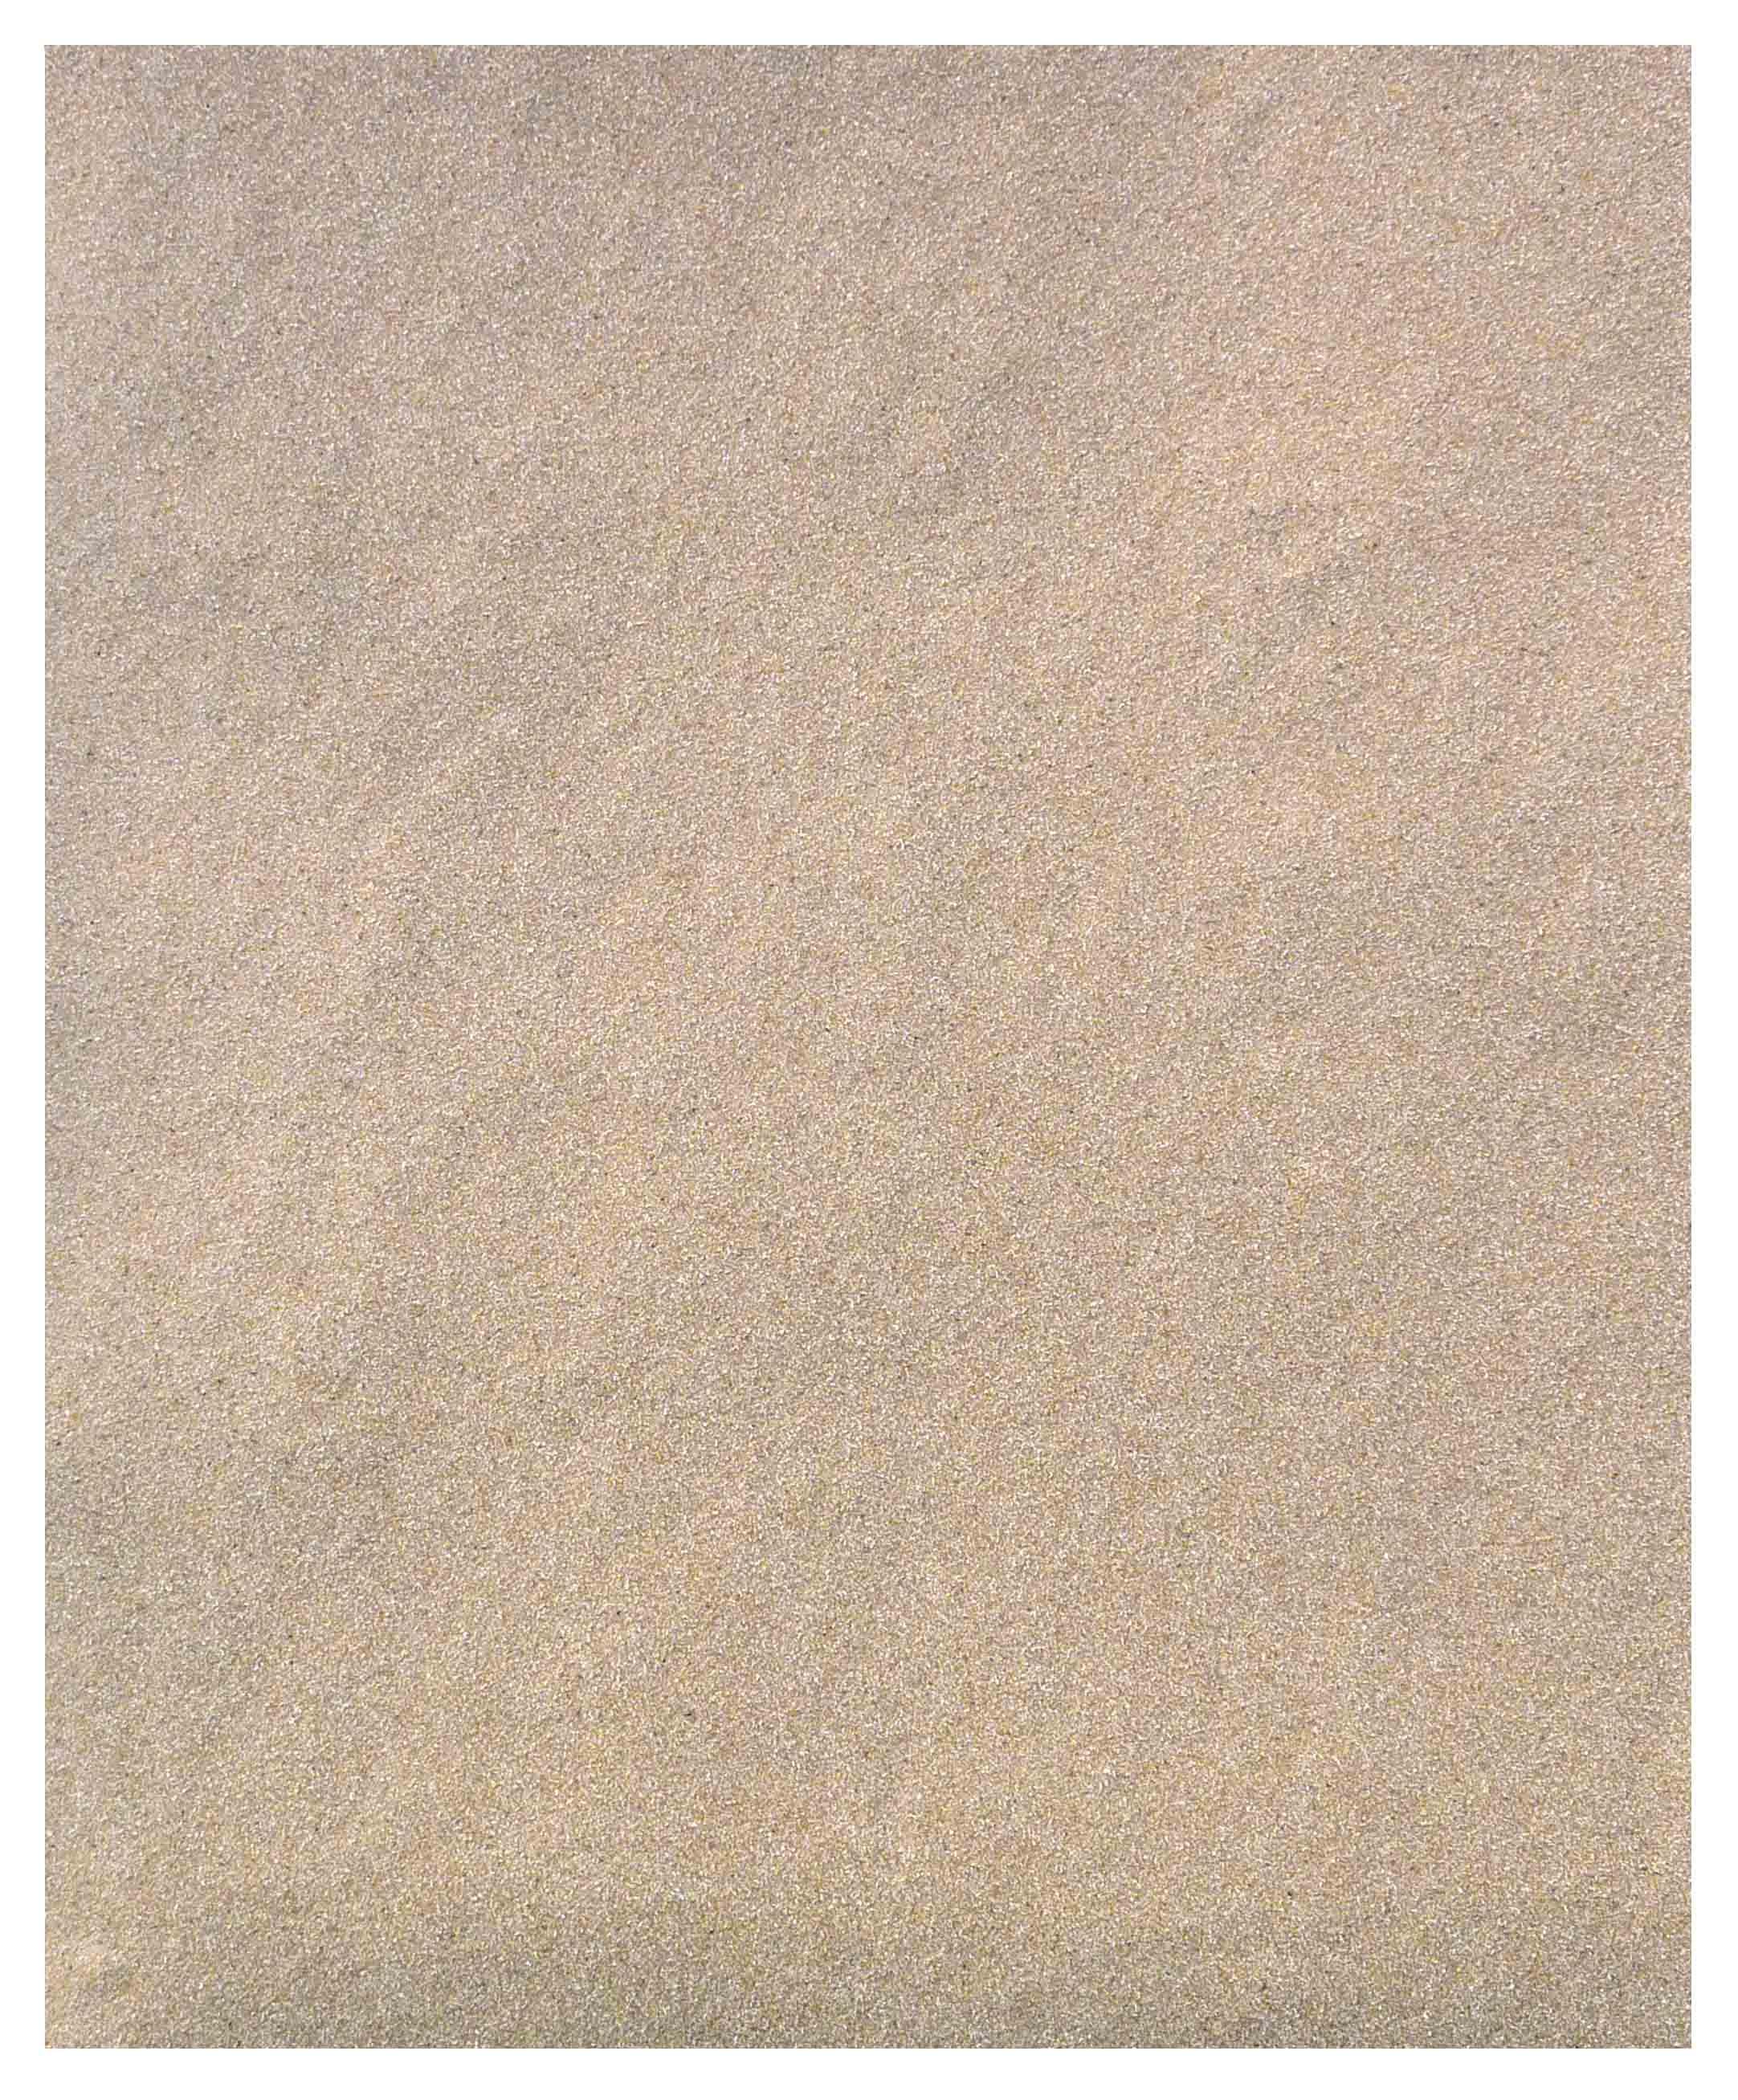 Papier silex 23x28 cm gr.120 - Lot de 50 feuilles